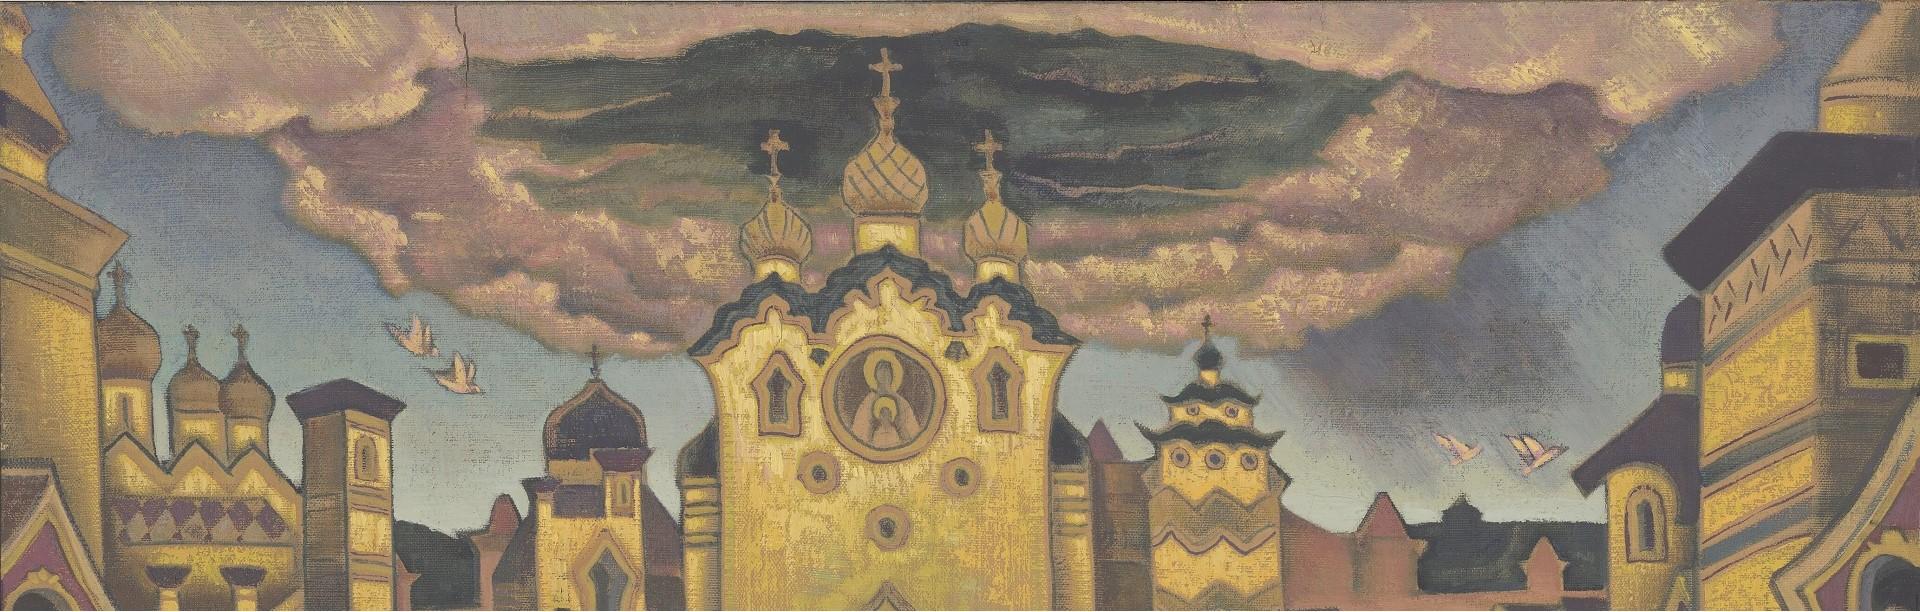 Музей Рерихов (филиал Государственного Музея Востока)